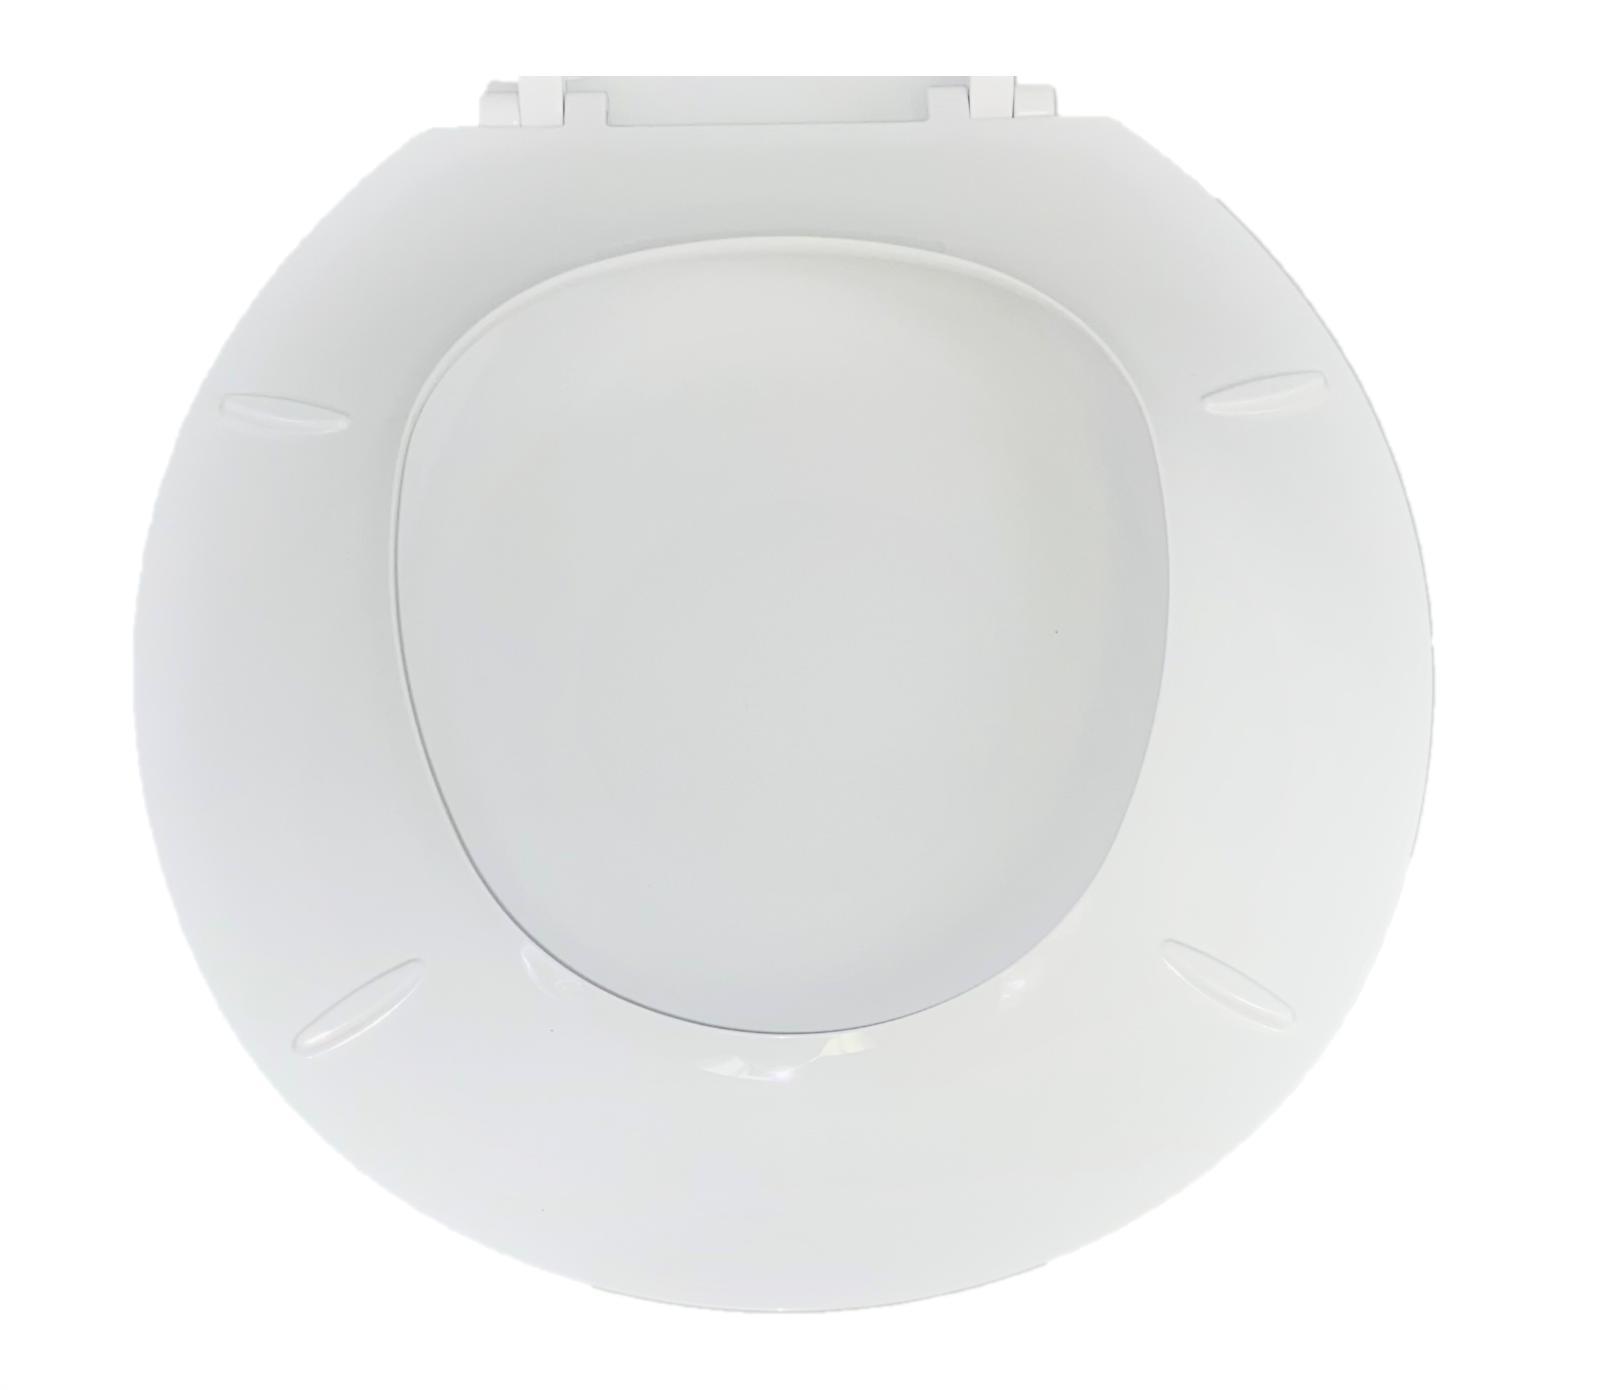 Toilet Seat With Round - White